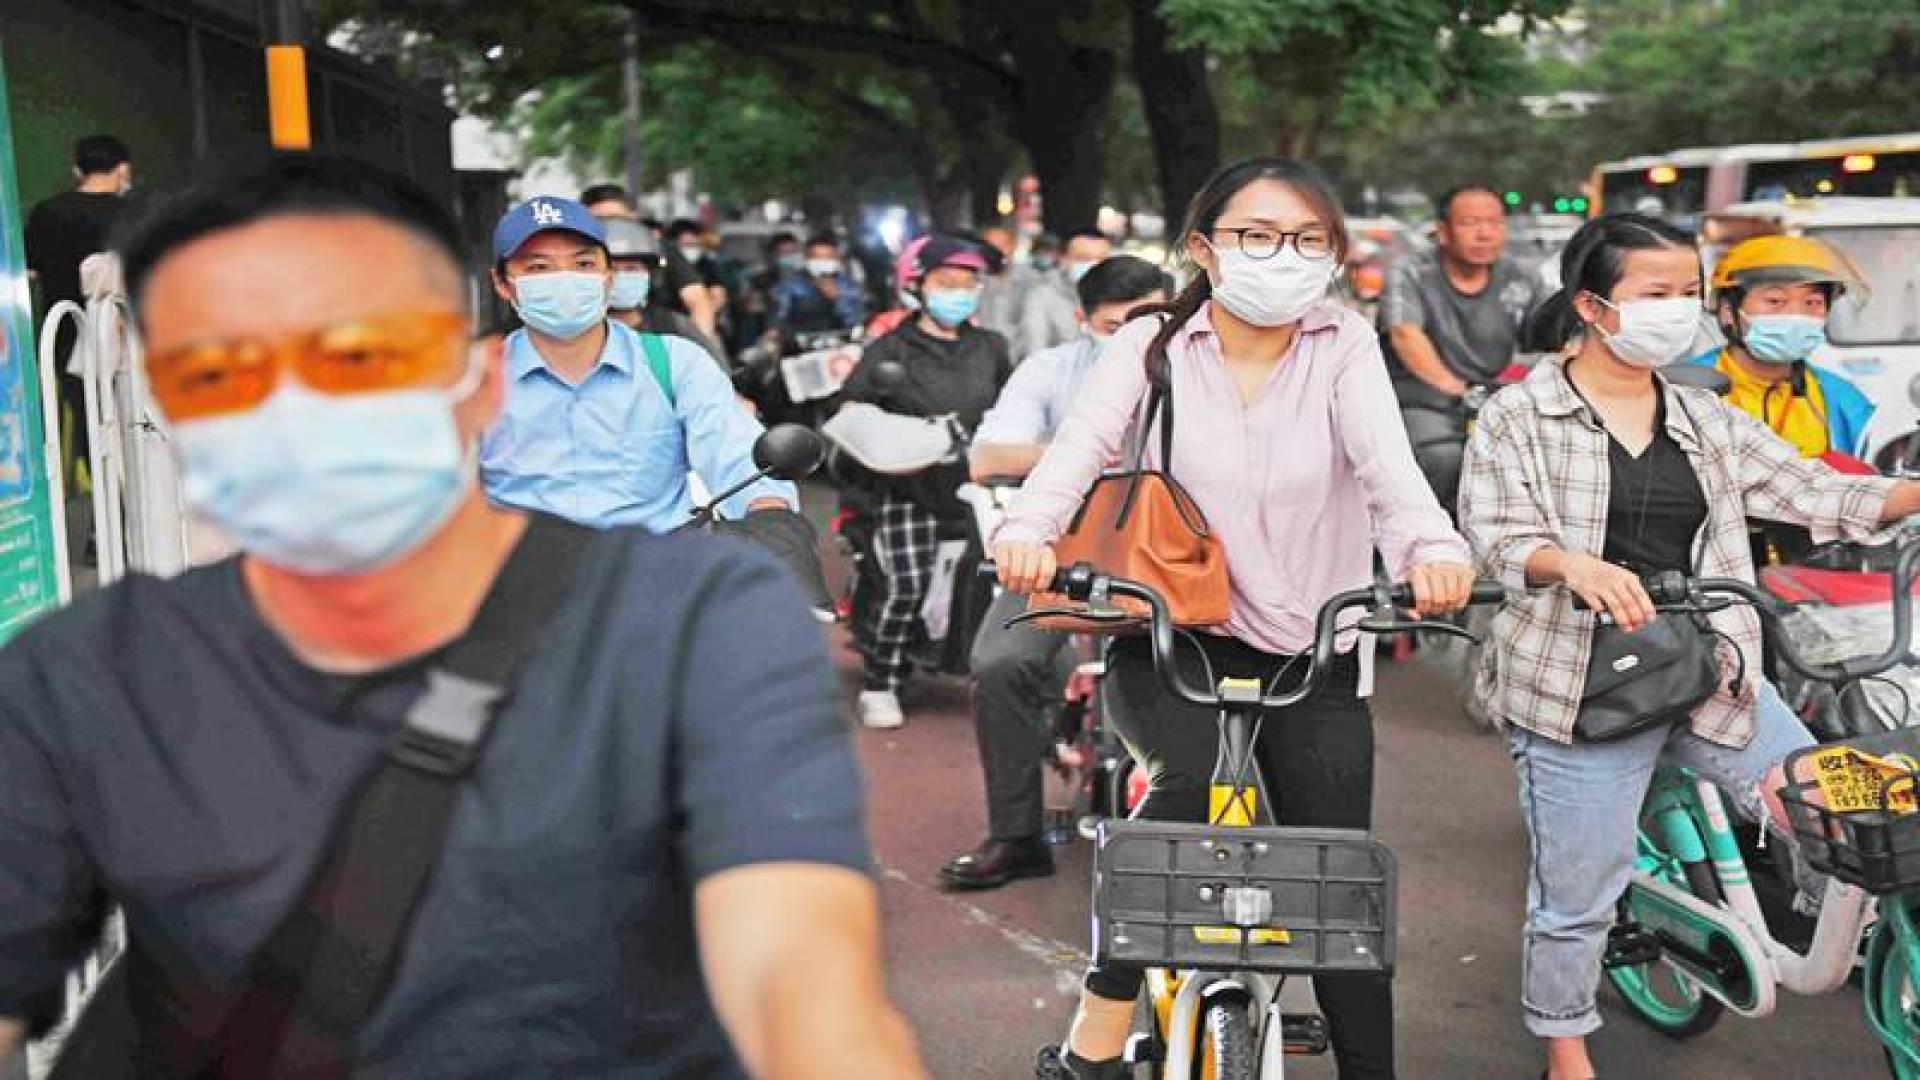 أشخاص بكمامات منتظرين عبور تقاطع مزدحم في بكين أمس (أ.ف.ب)